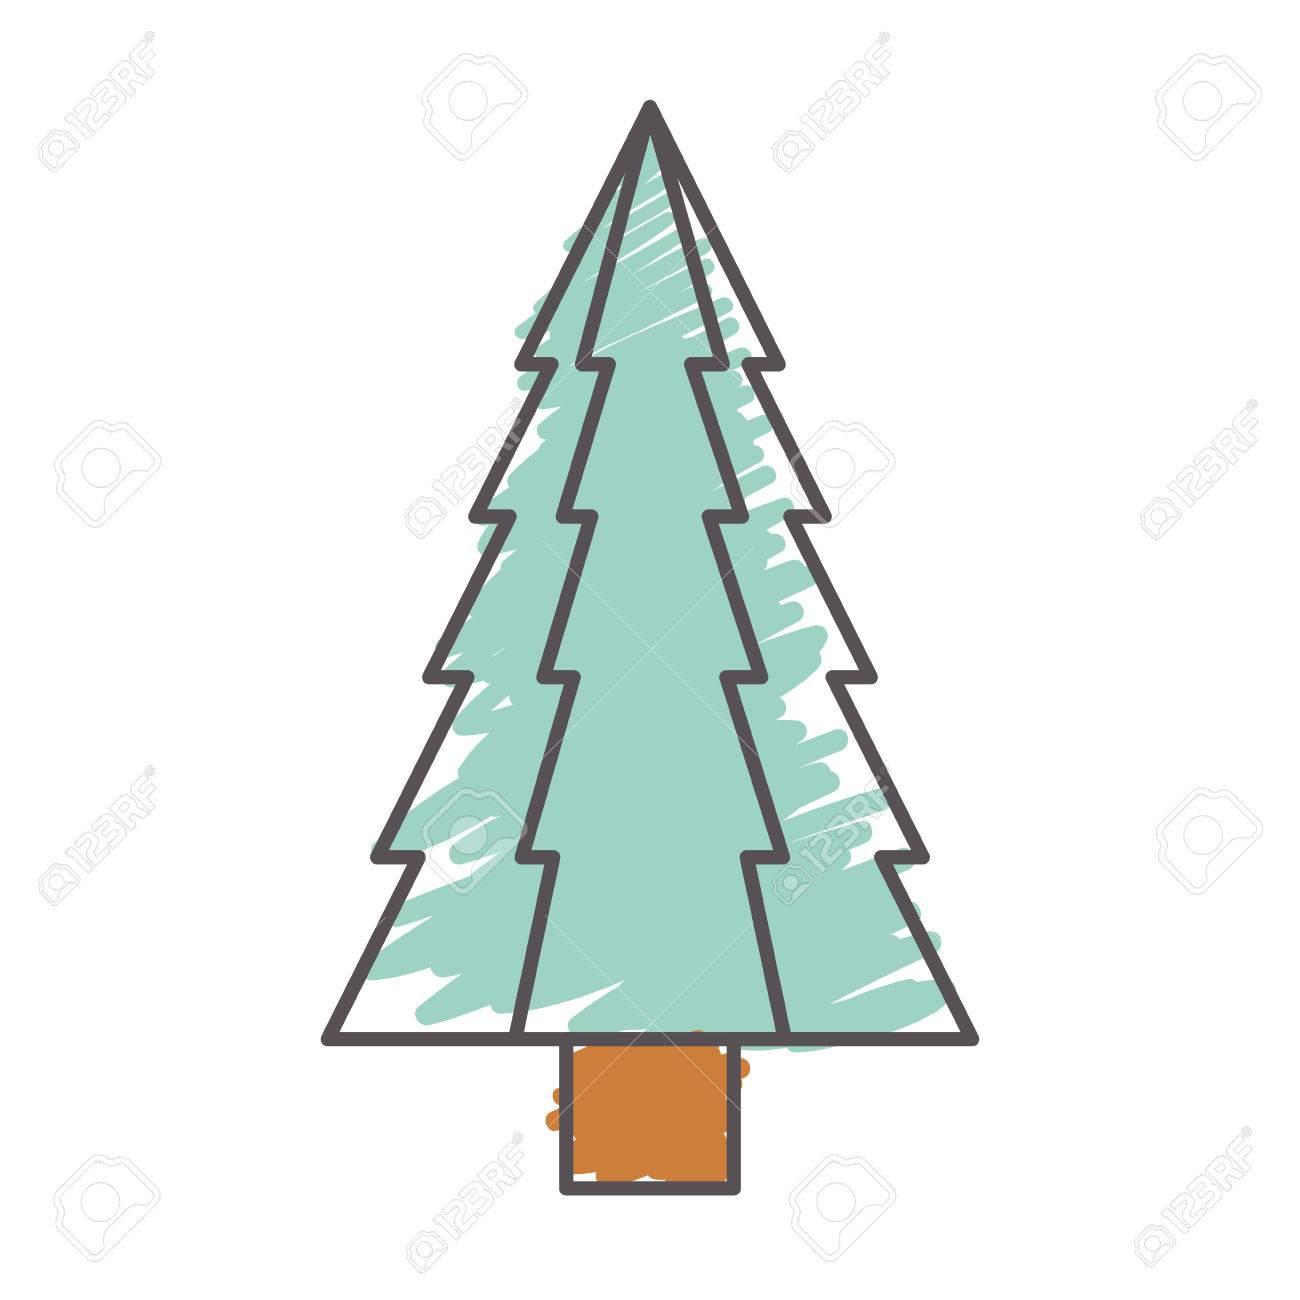 Pino De Navidad Icono De árbol Alto Dibujar Y Dibujar El Diseño